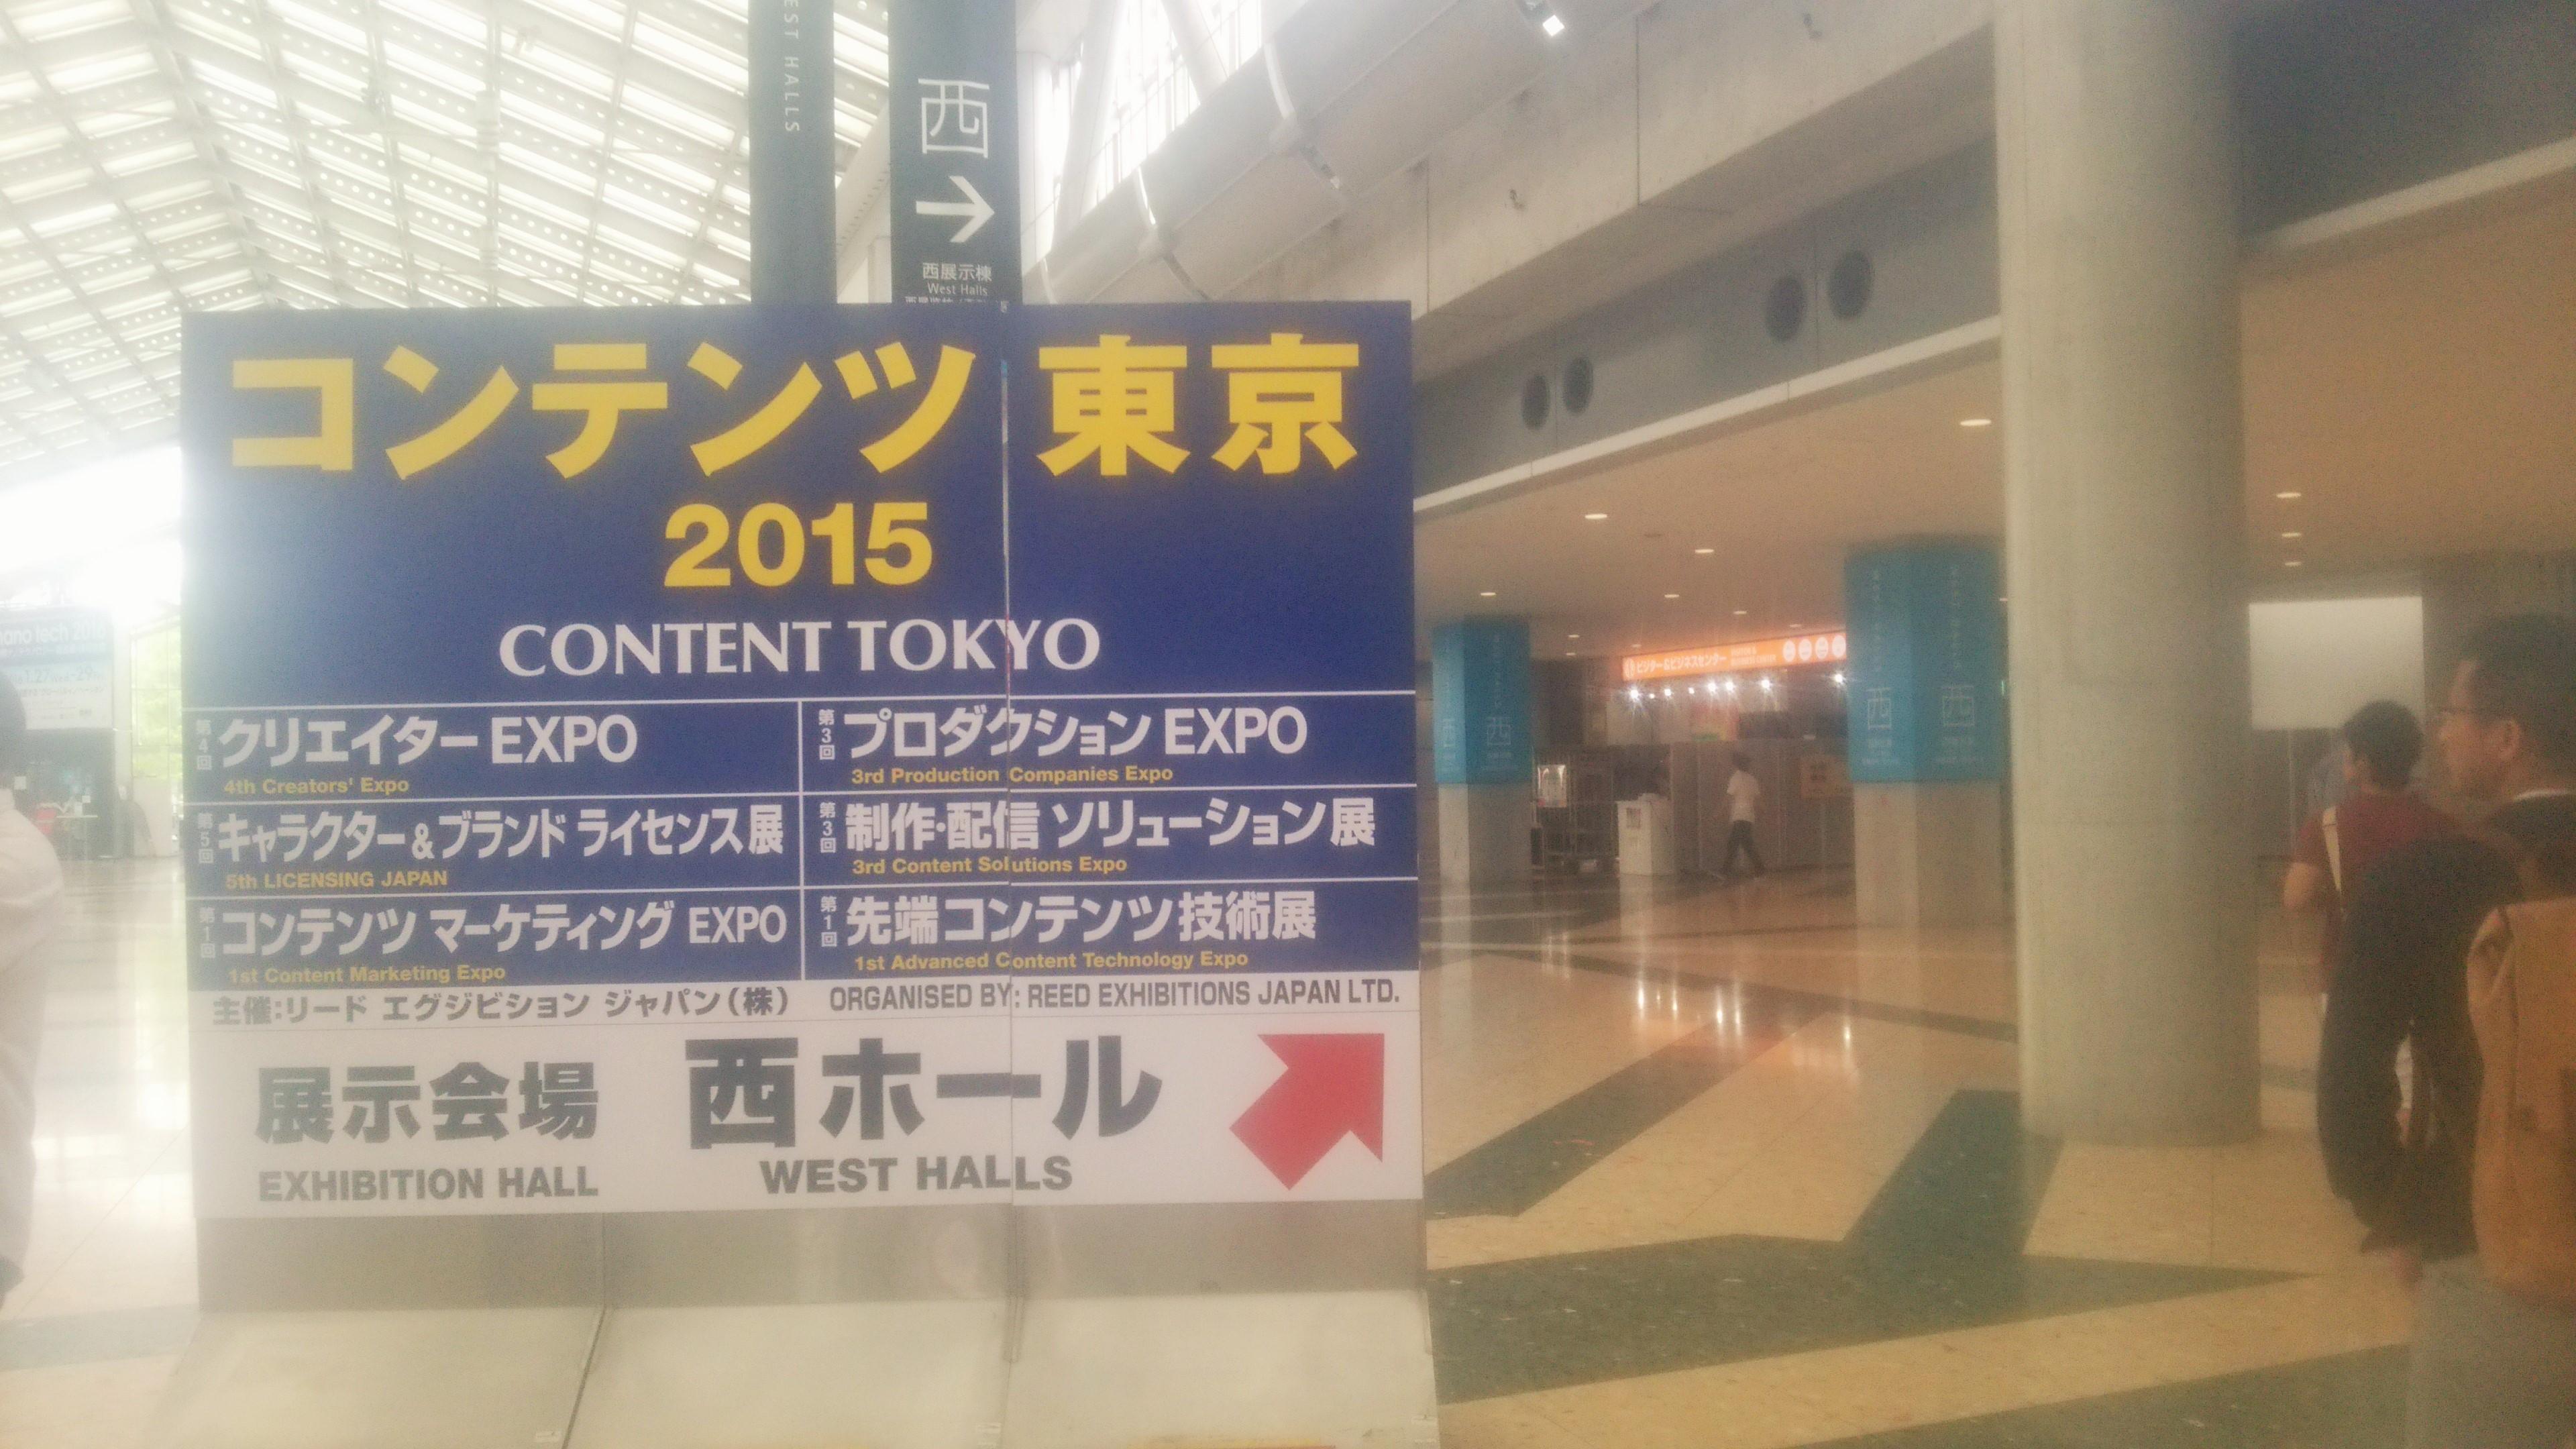 コンテンツ東京 コンテンツマーケティング